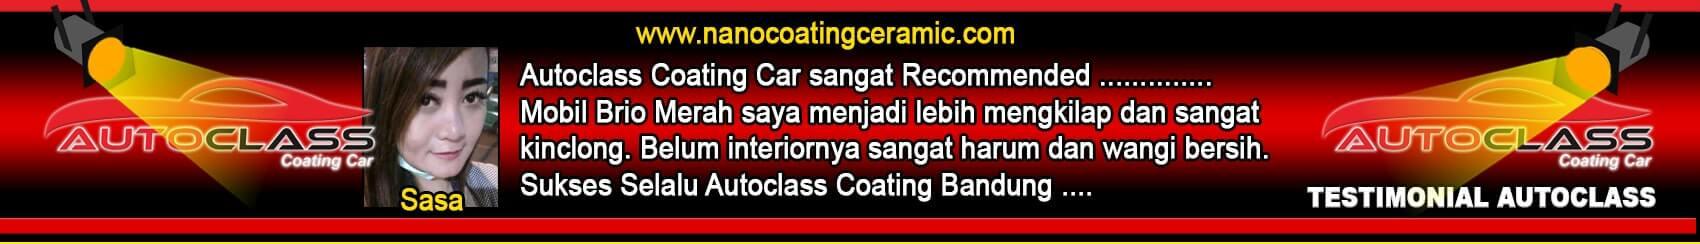 nano coating ceramic